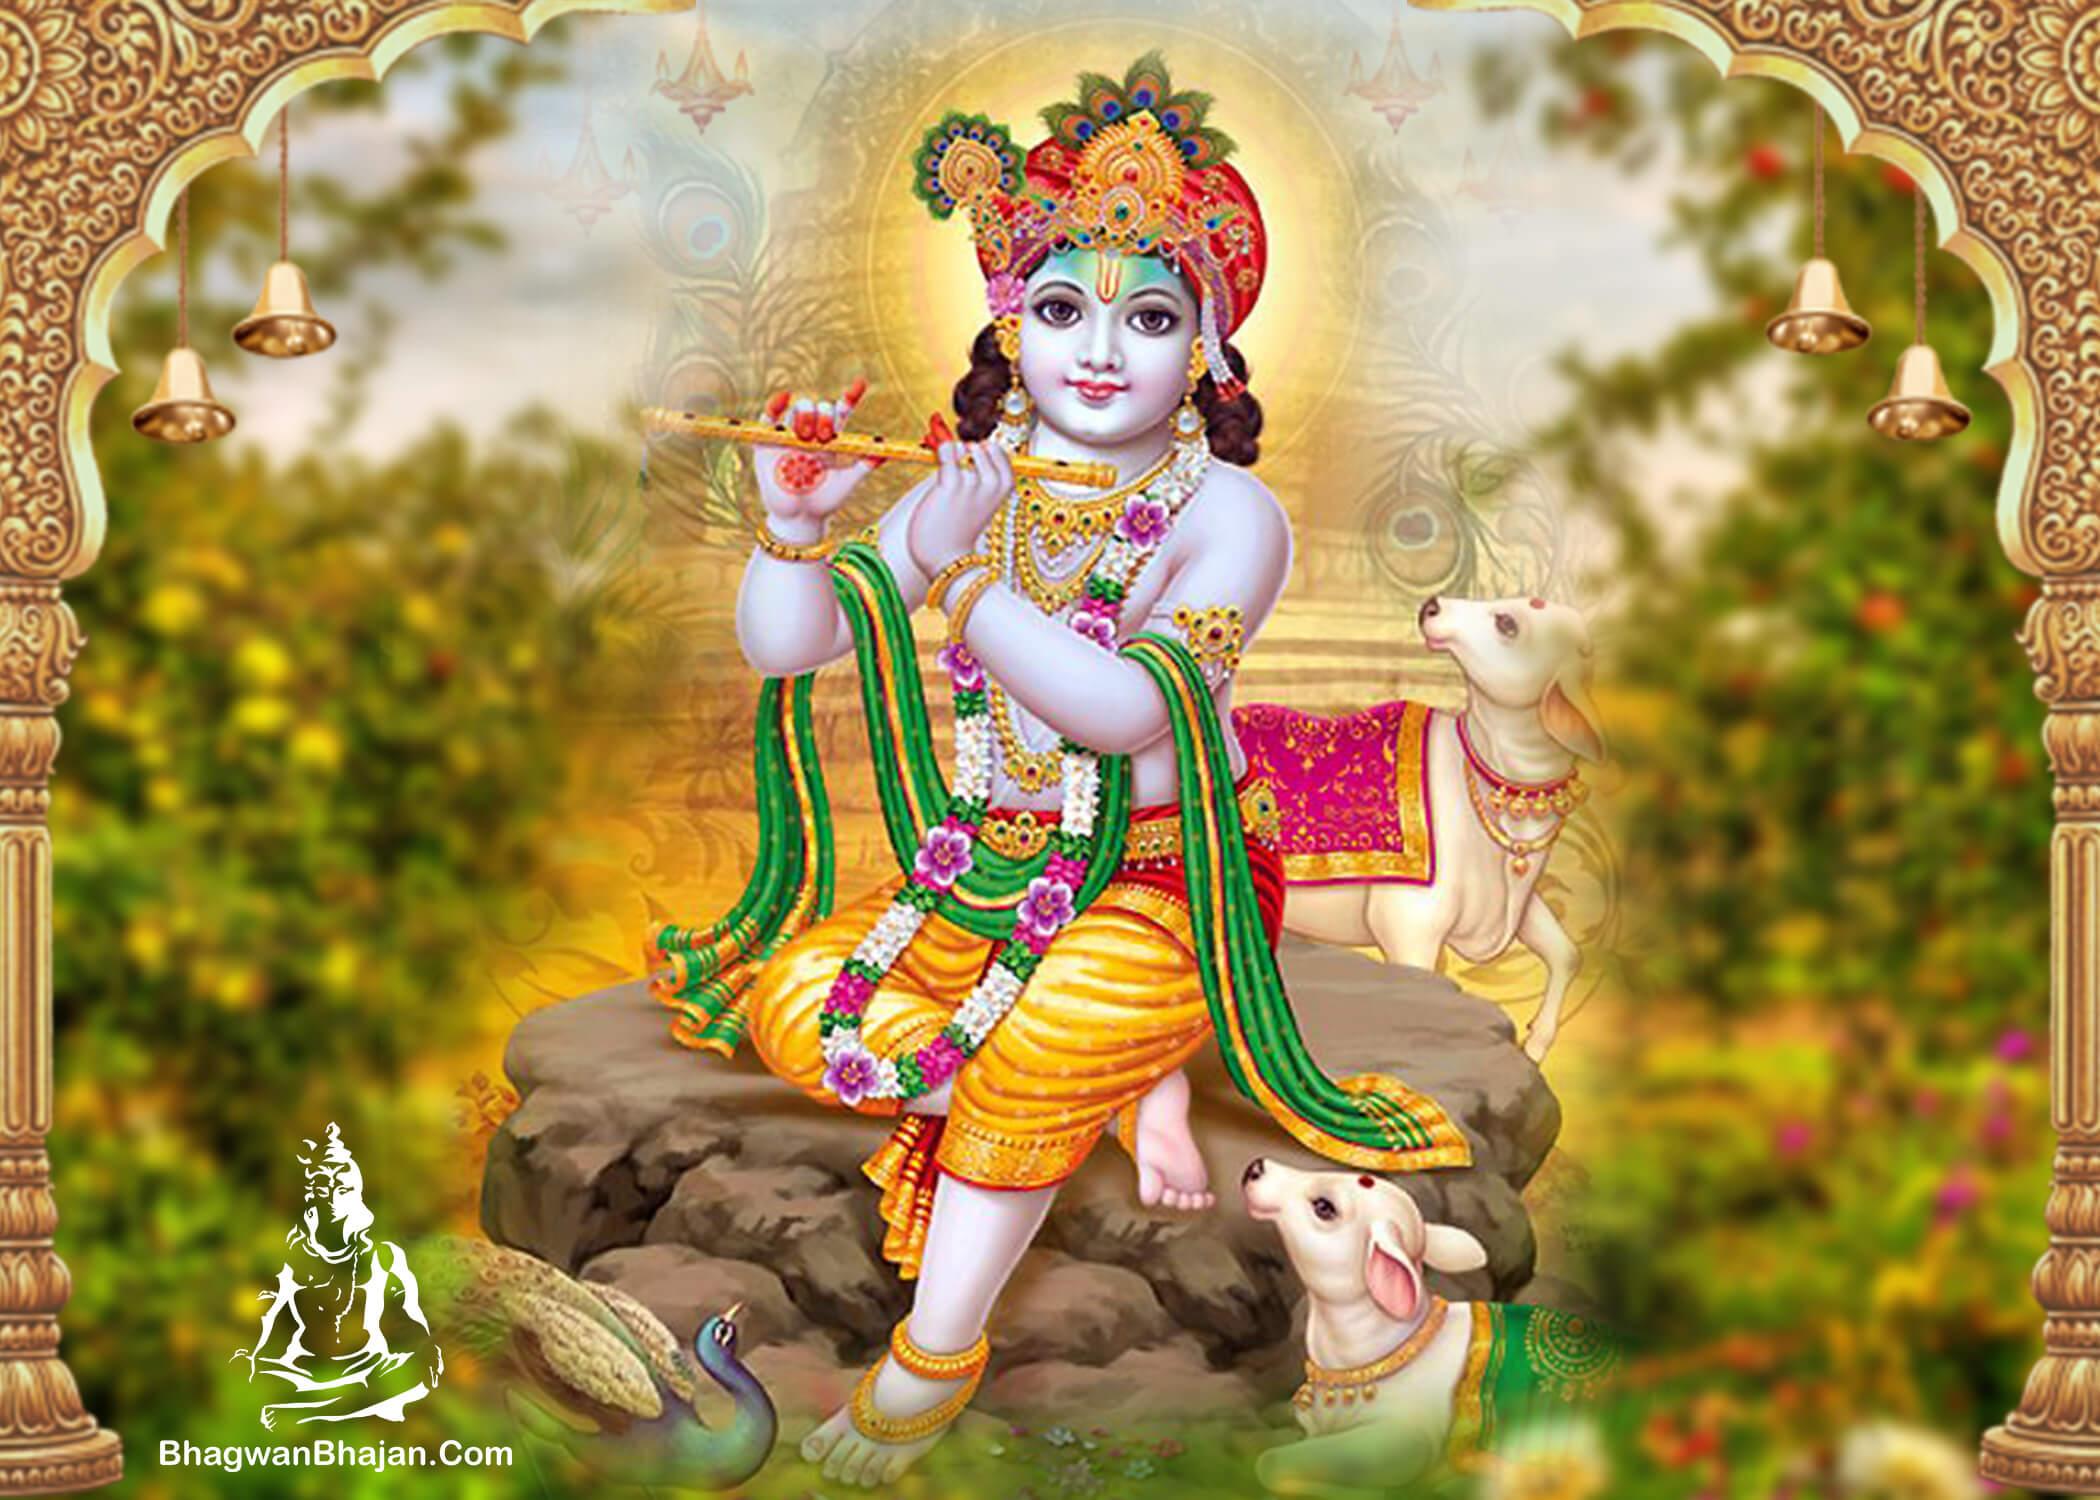 bal gopal shree krishna hd wallapaper